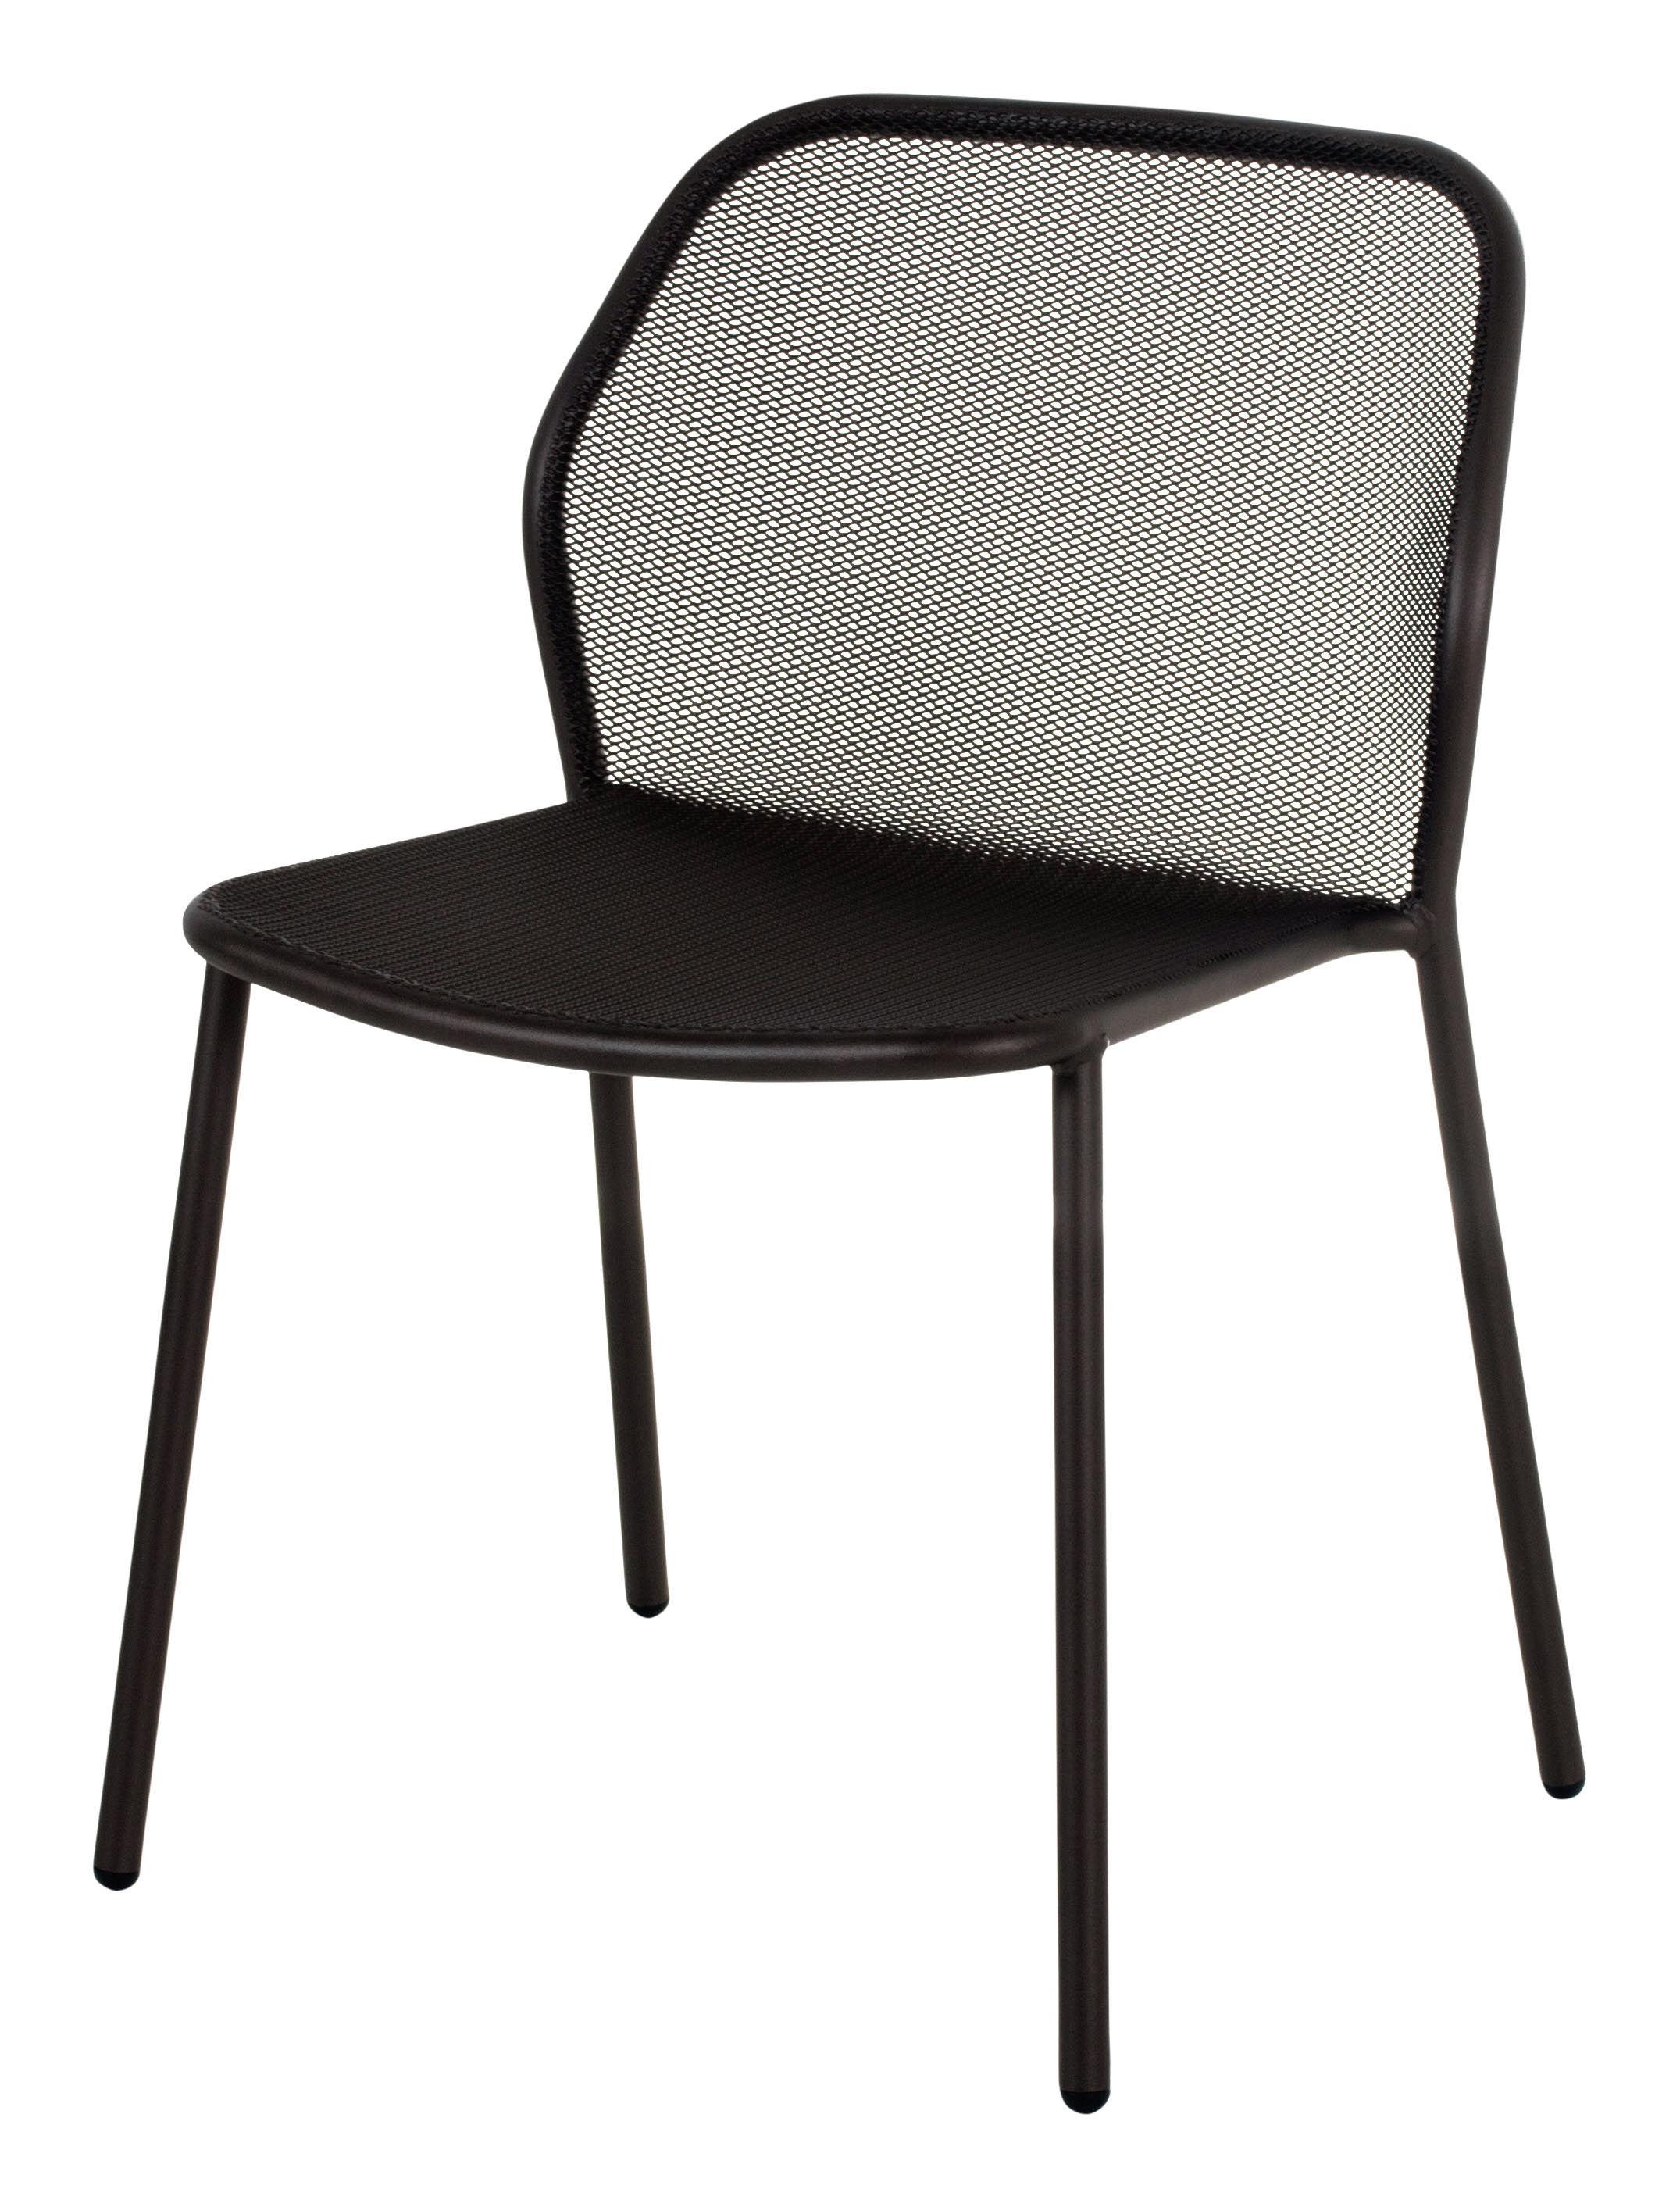 Mobilier - Chaises, fauteuils de salle à manger - Chaise empilable Darwin / Métal - Emu - Noir - Acier verni